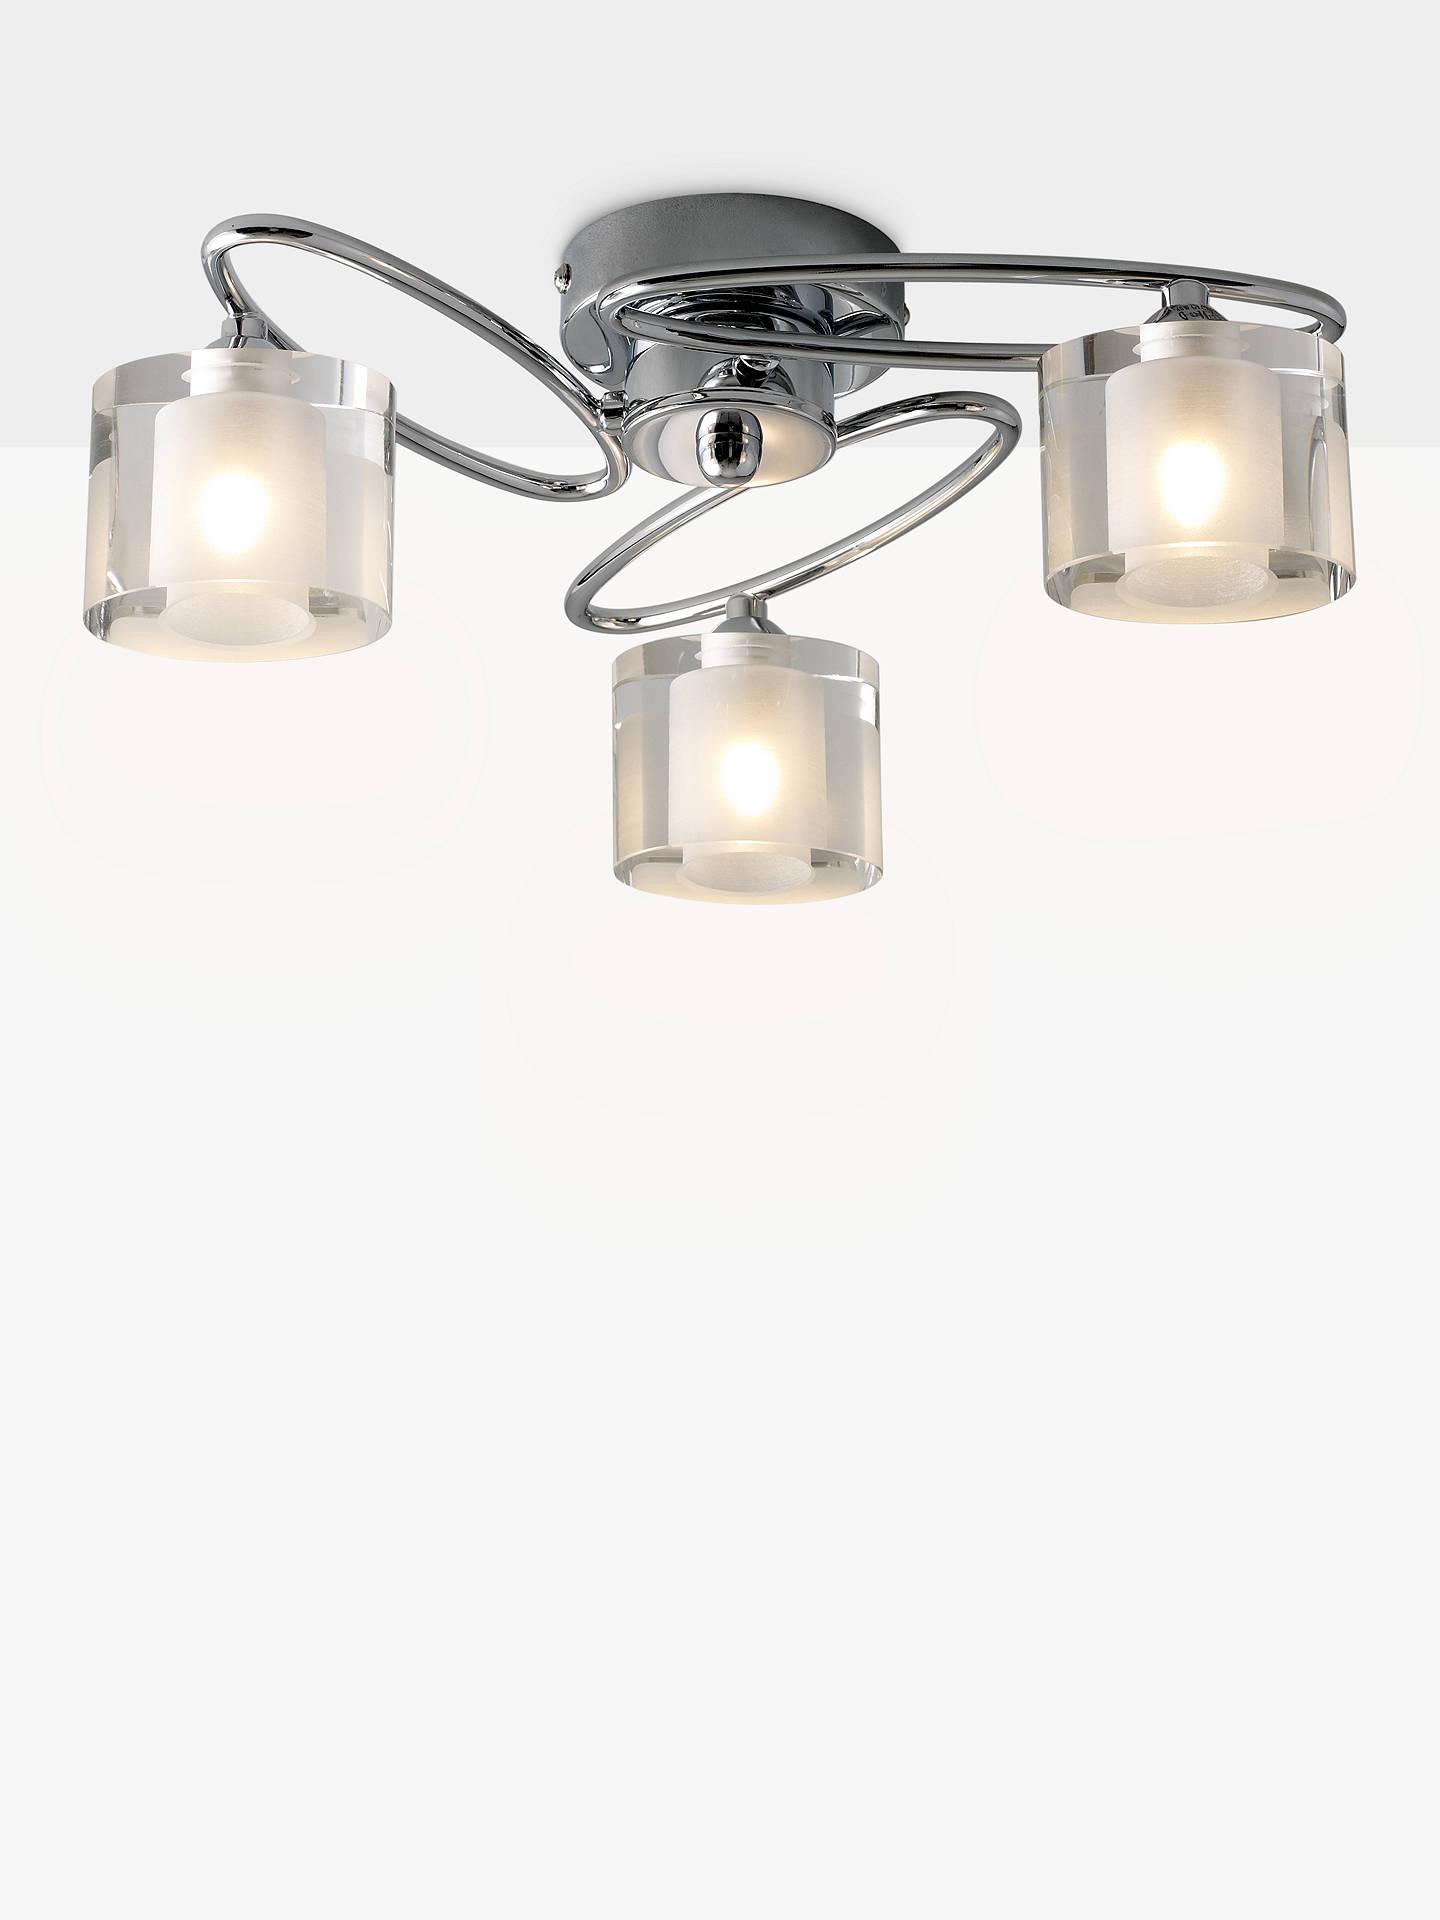 John lewis partners zola semi flush 3 arm ceiling light chrome